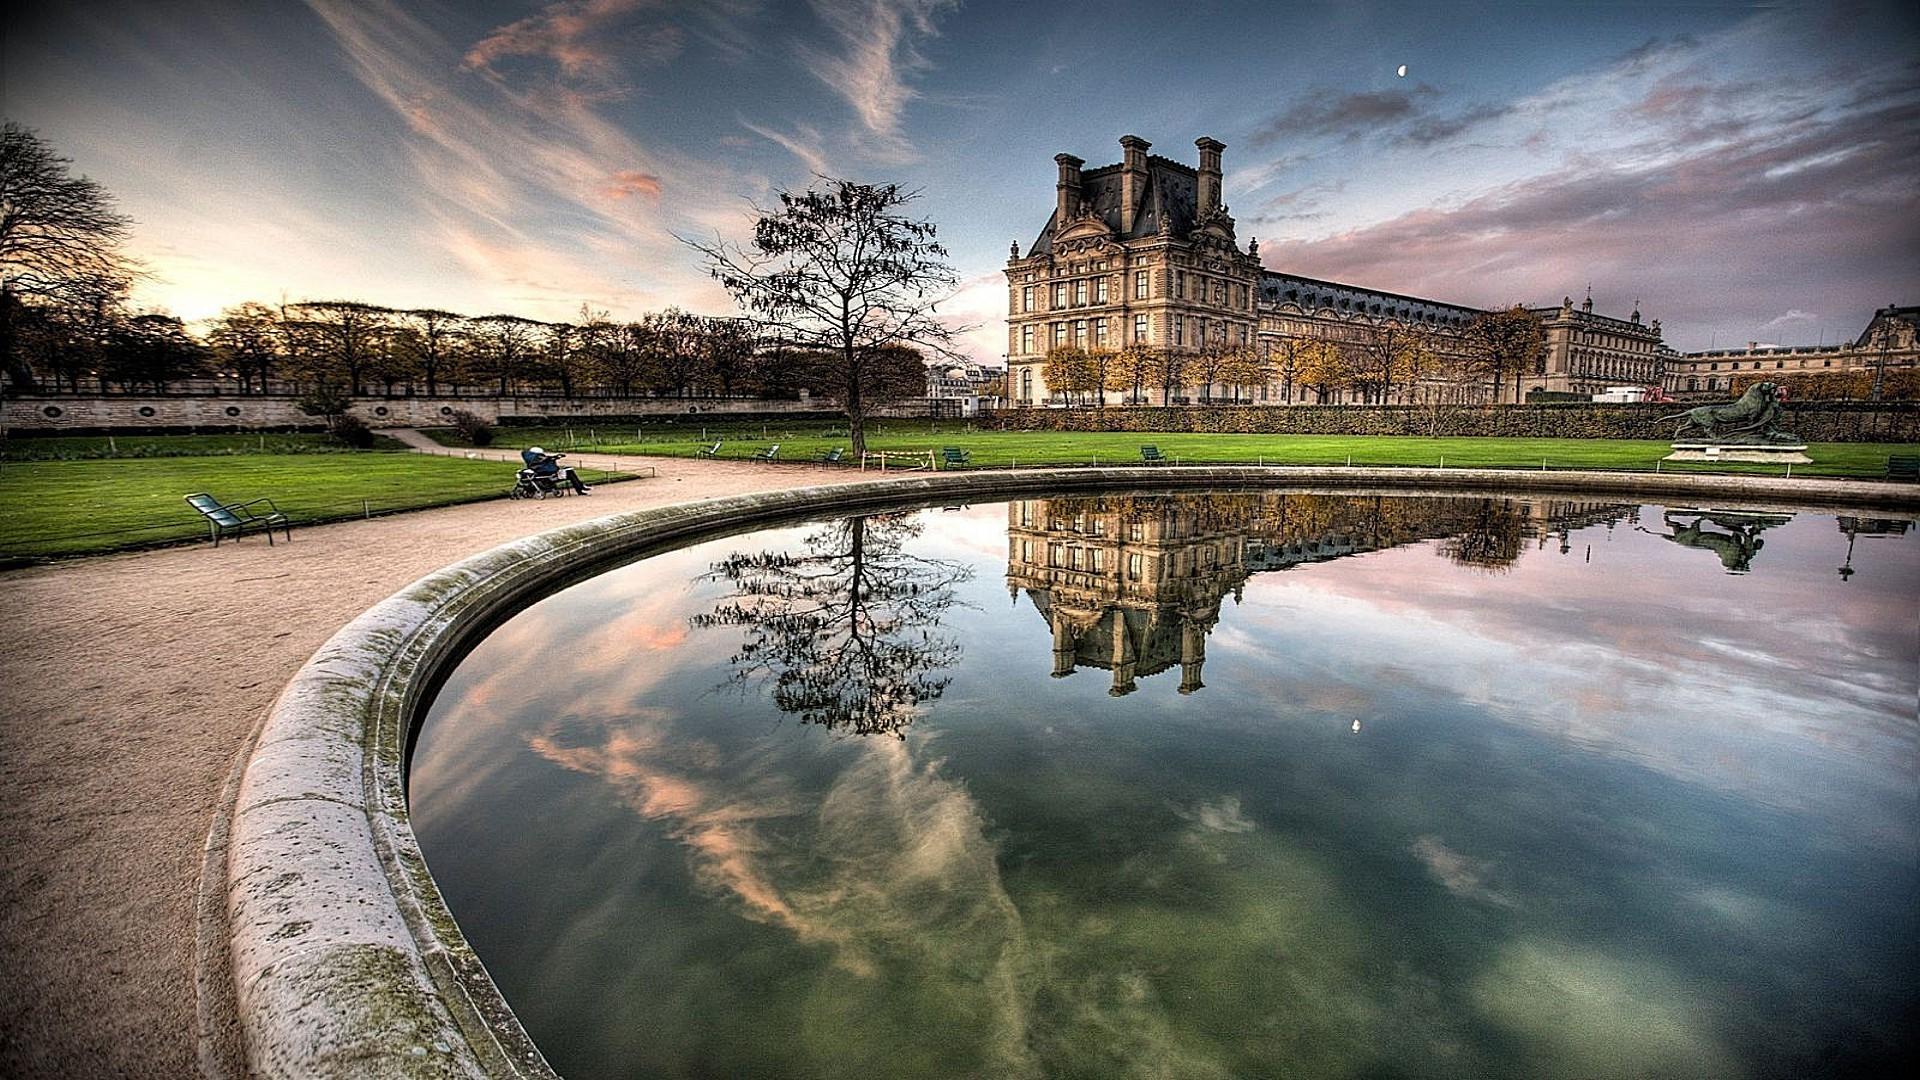 страны архитектура Бордо Франция озеро отражение анонимно